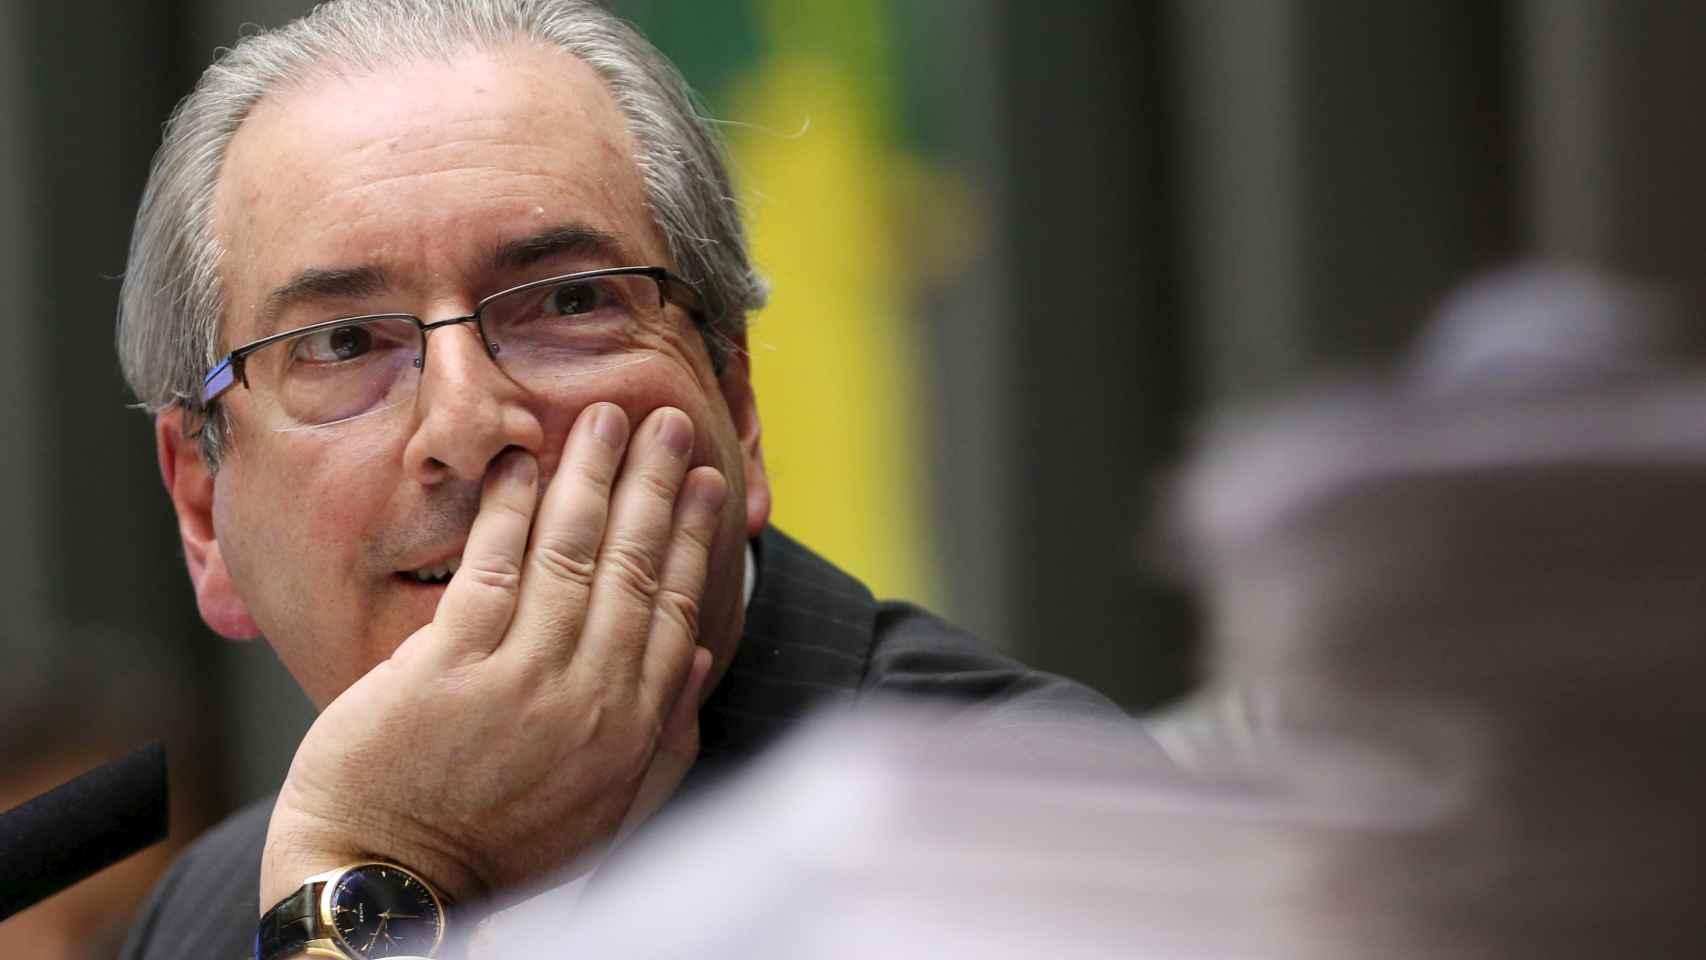 Cunha preside el Congreso brasileño y es enemigo público de la presidenta.